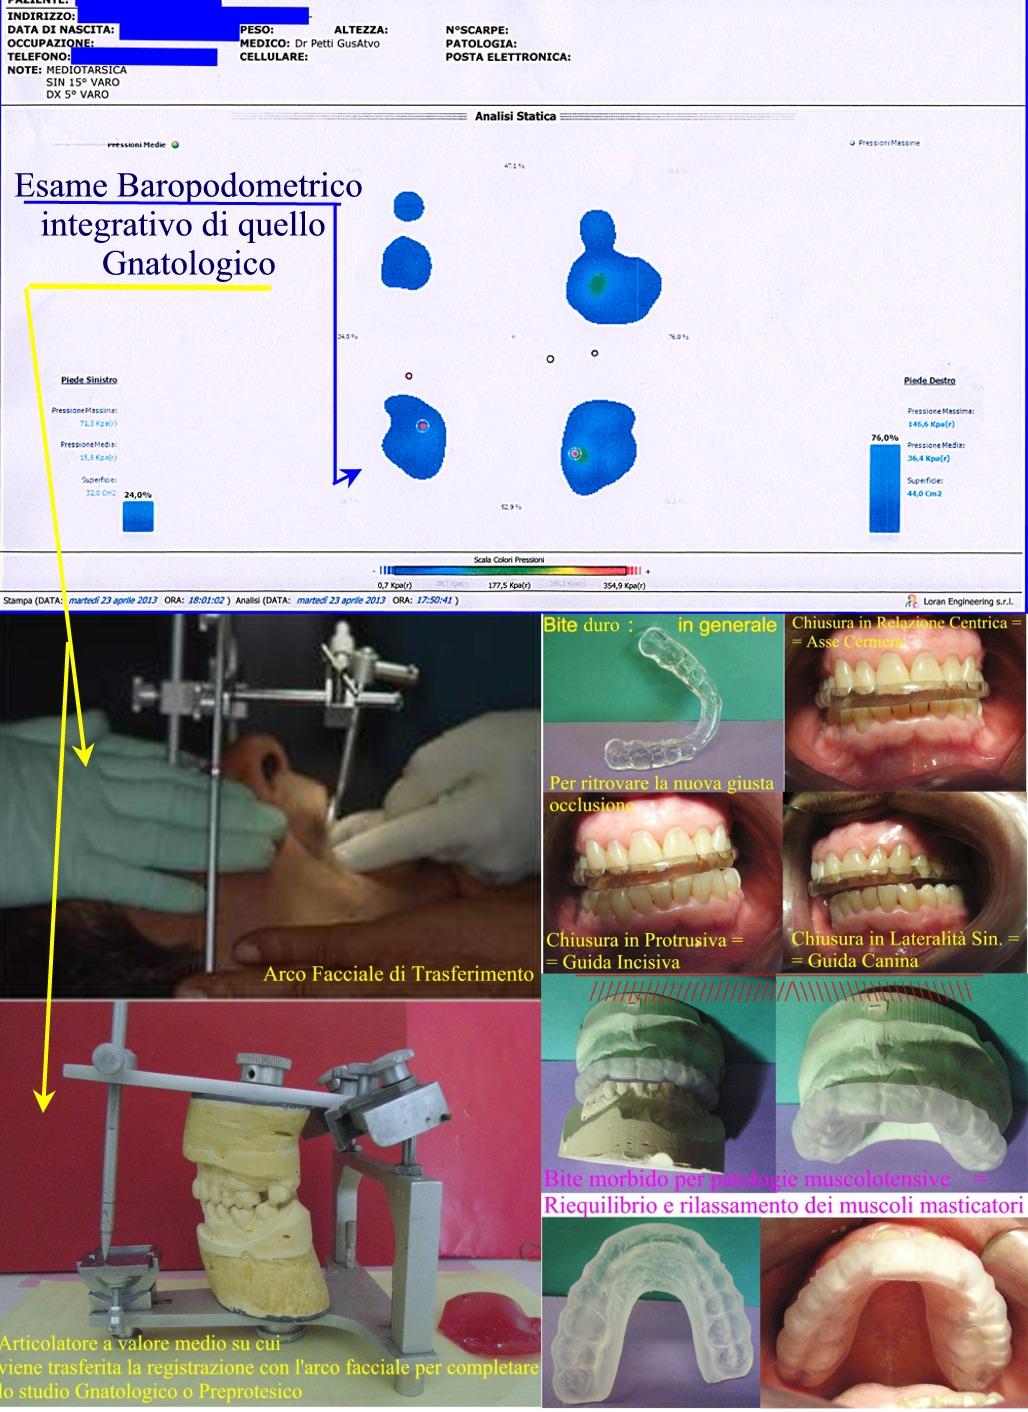 Arco Facciale di trasferimento, vari tipi di Bite, Esame Stabilometrico computerizzato come minima parte della Analisi Clinica Gnatologica. Da Casistica Dr. Gustavo Petti Gnatologo Parodontologo di Cagliari